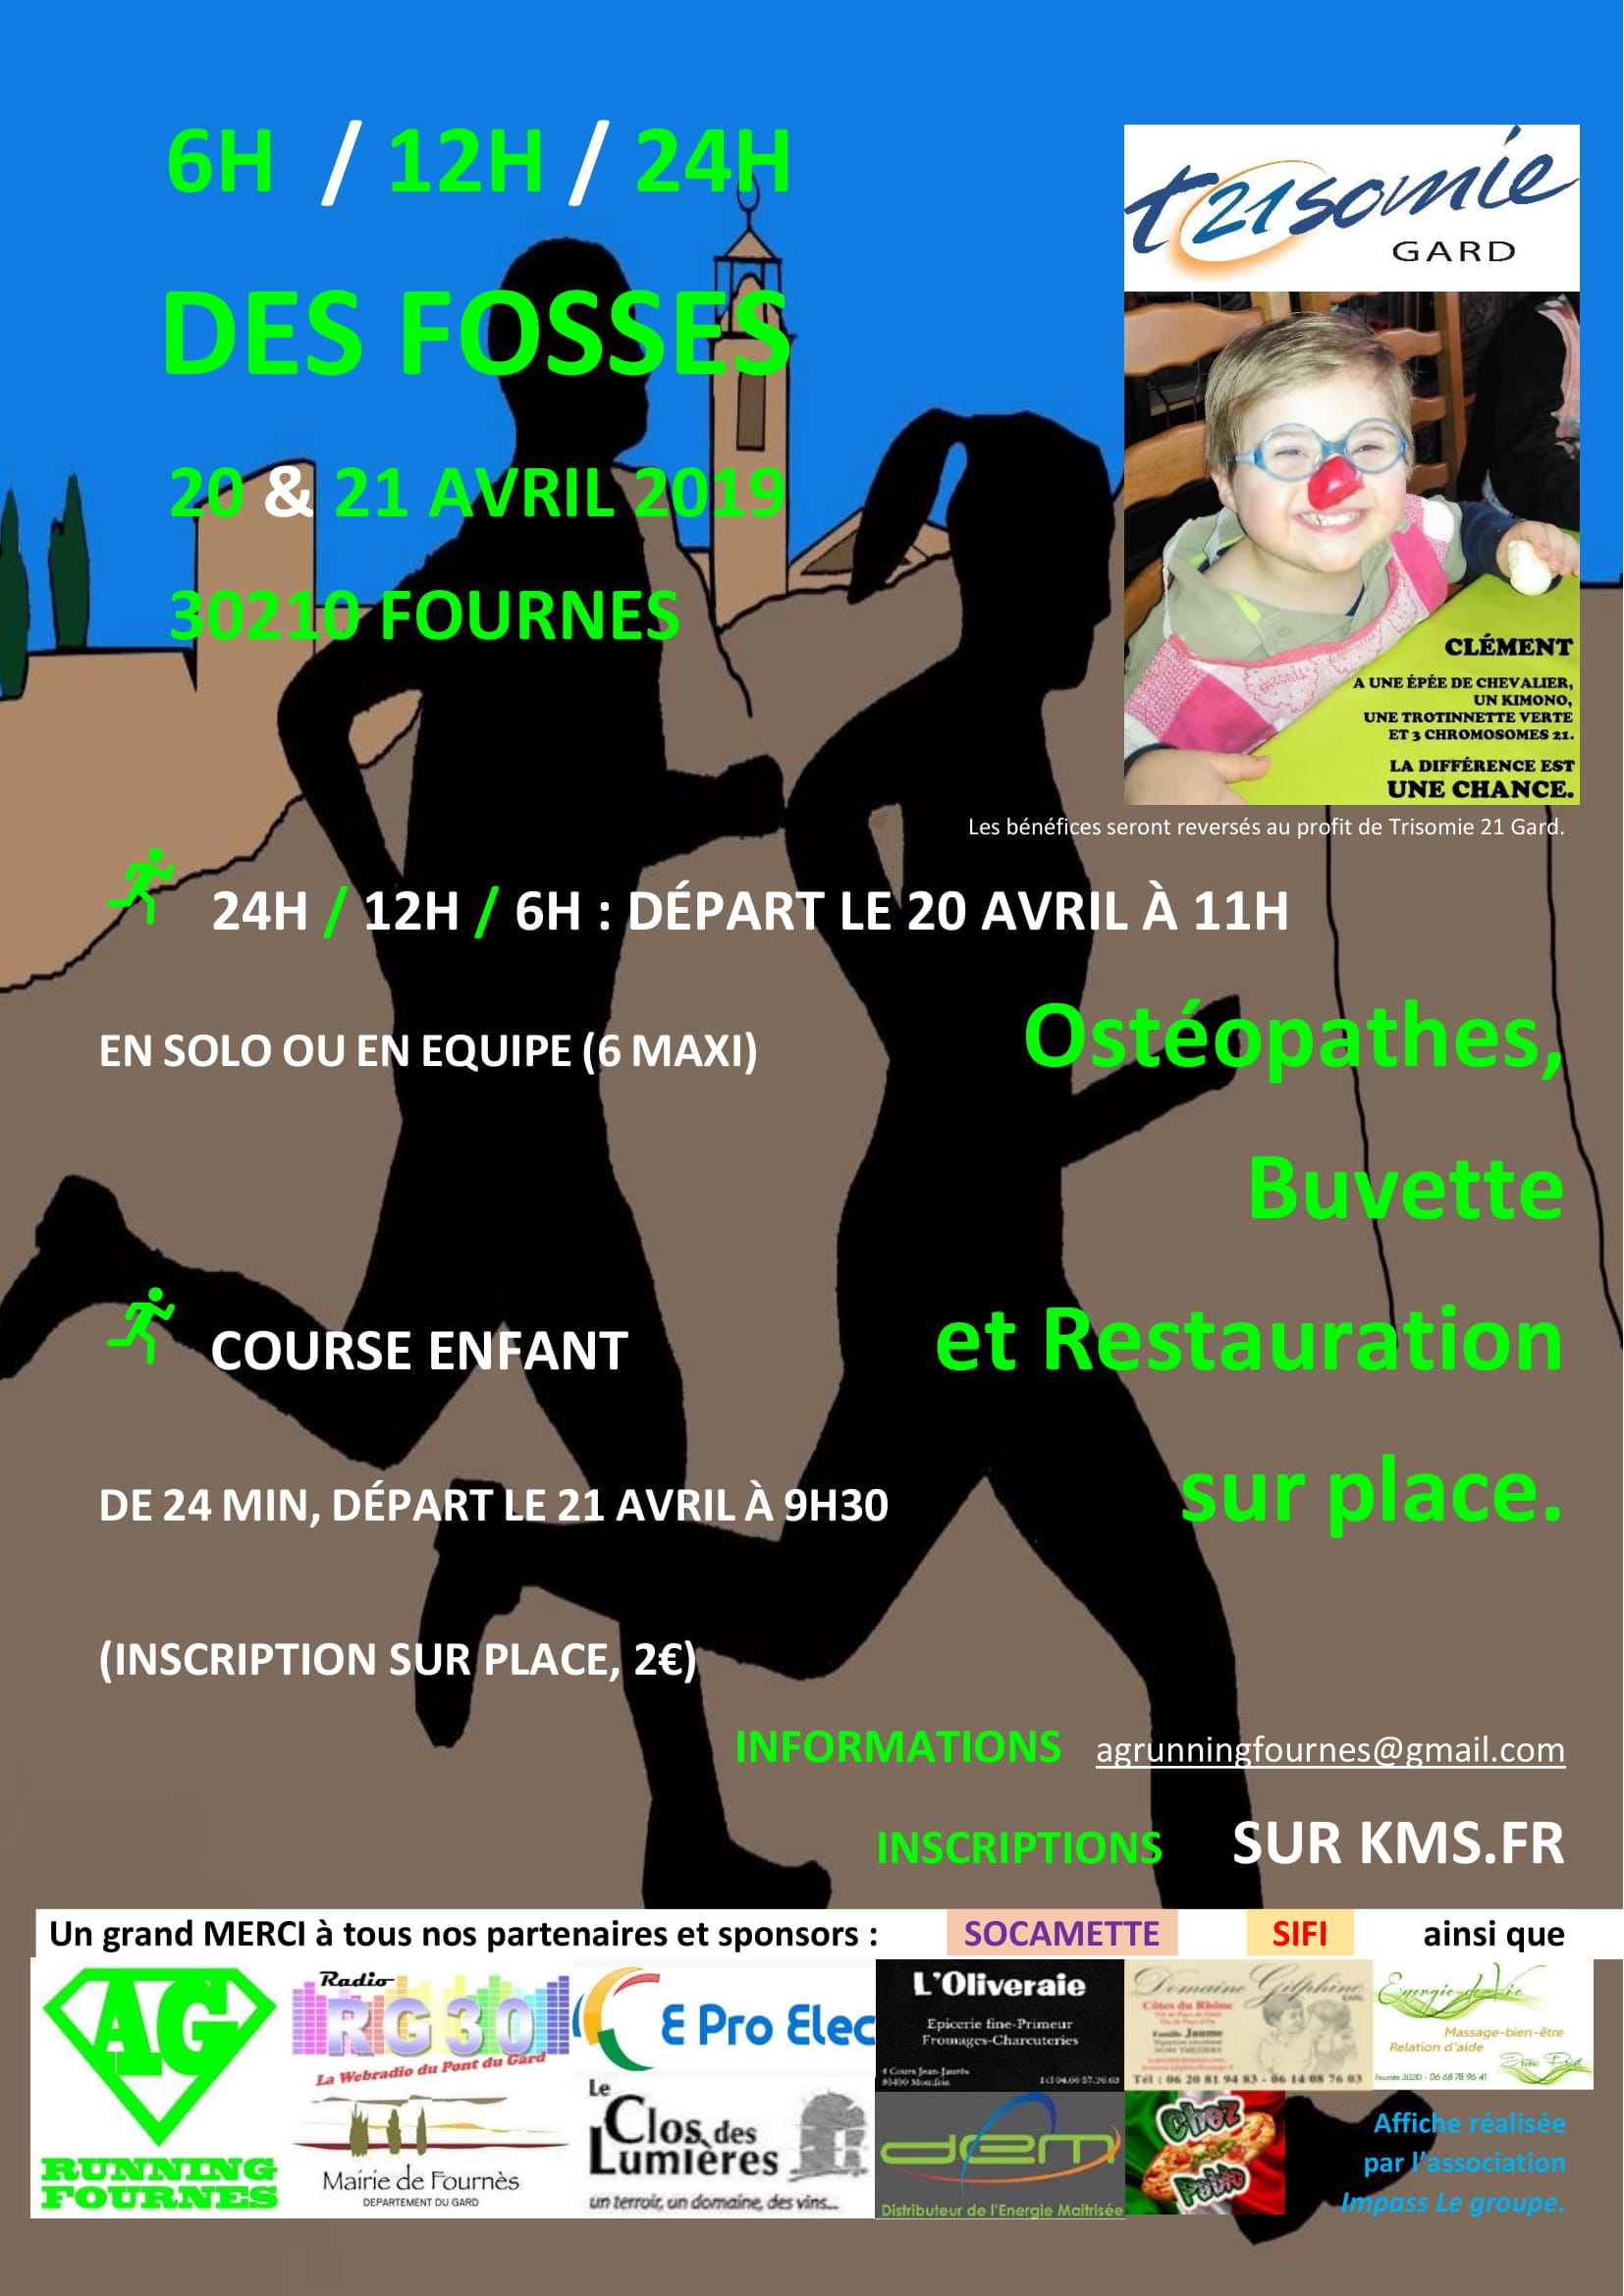 12Hr des Fosses - Equipe (6 maxi)